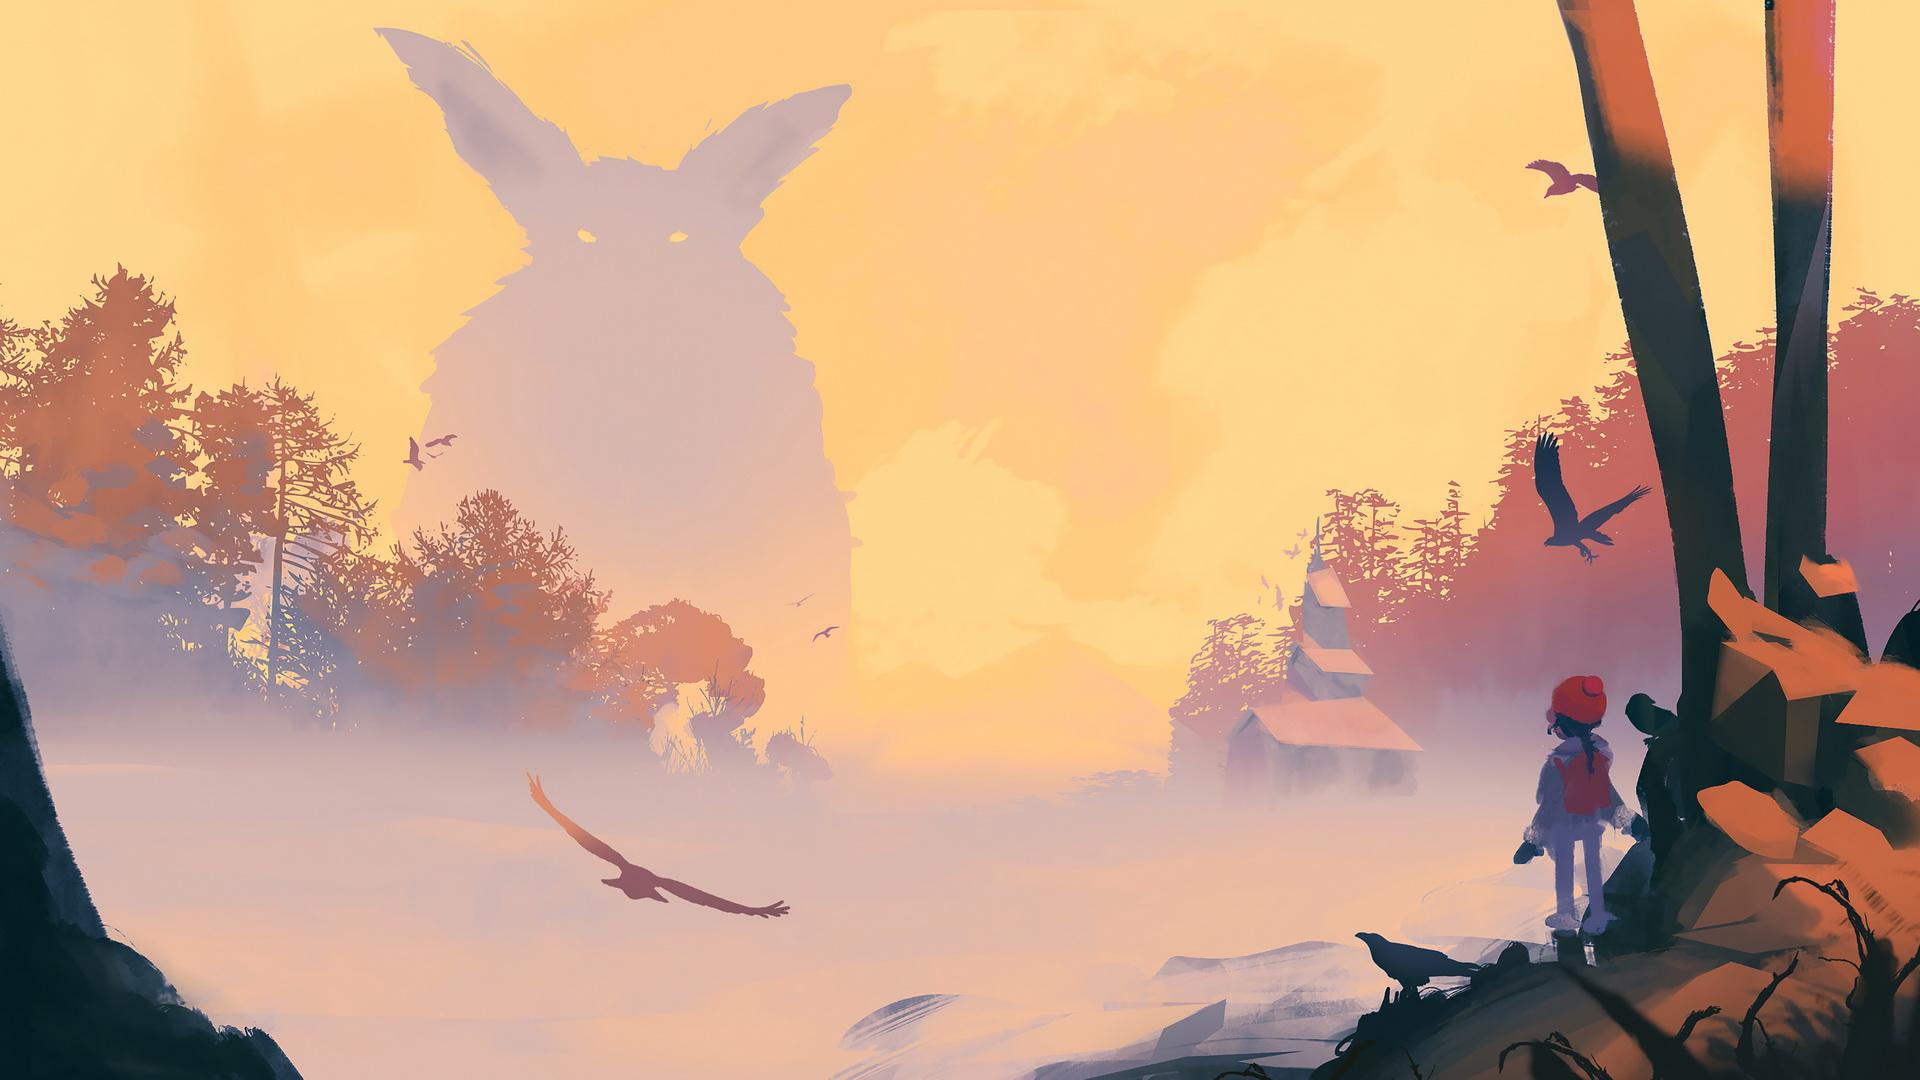 неММО: Röki: мир троллей, Йольского котэ и деревьев с глазами